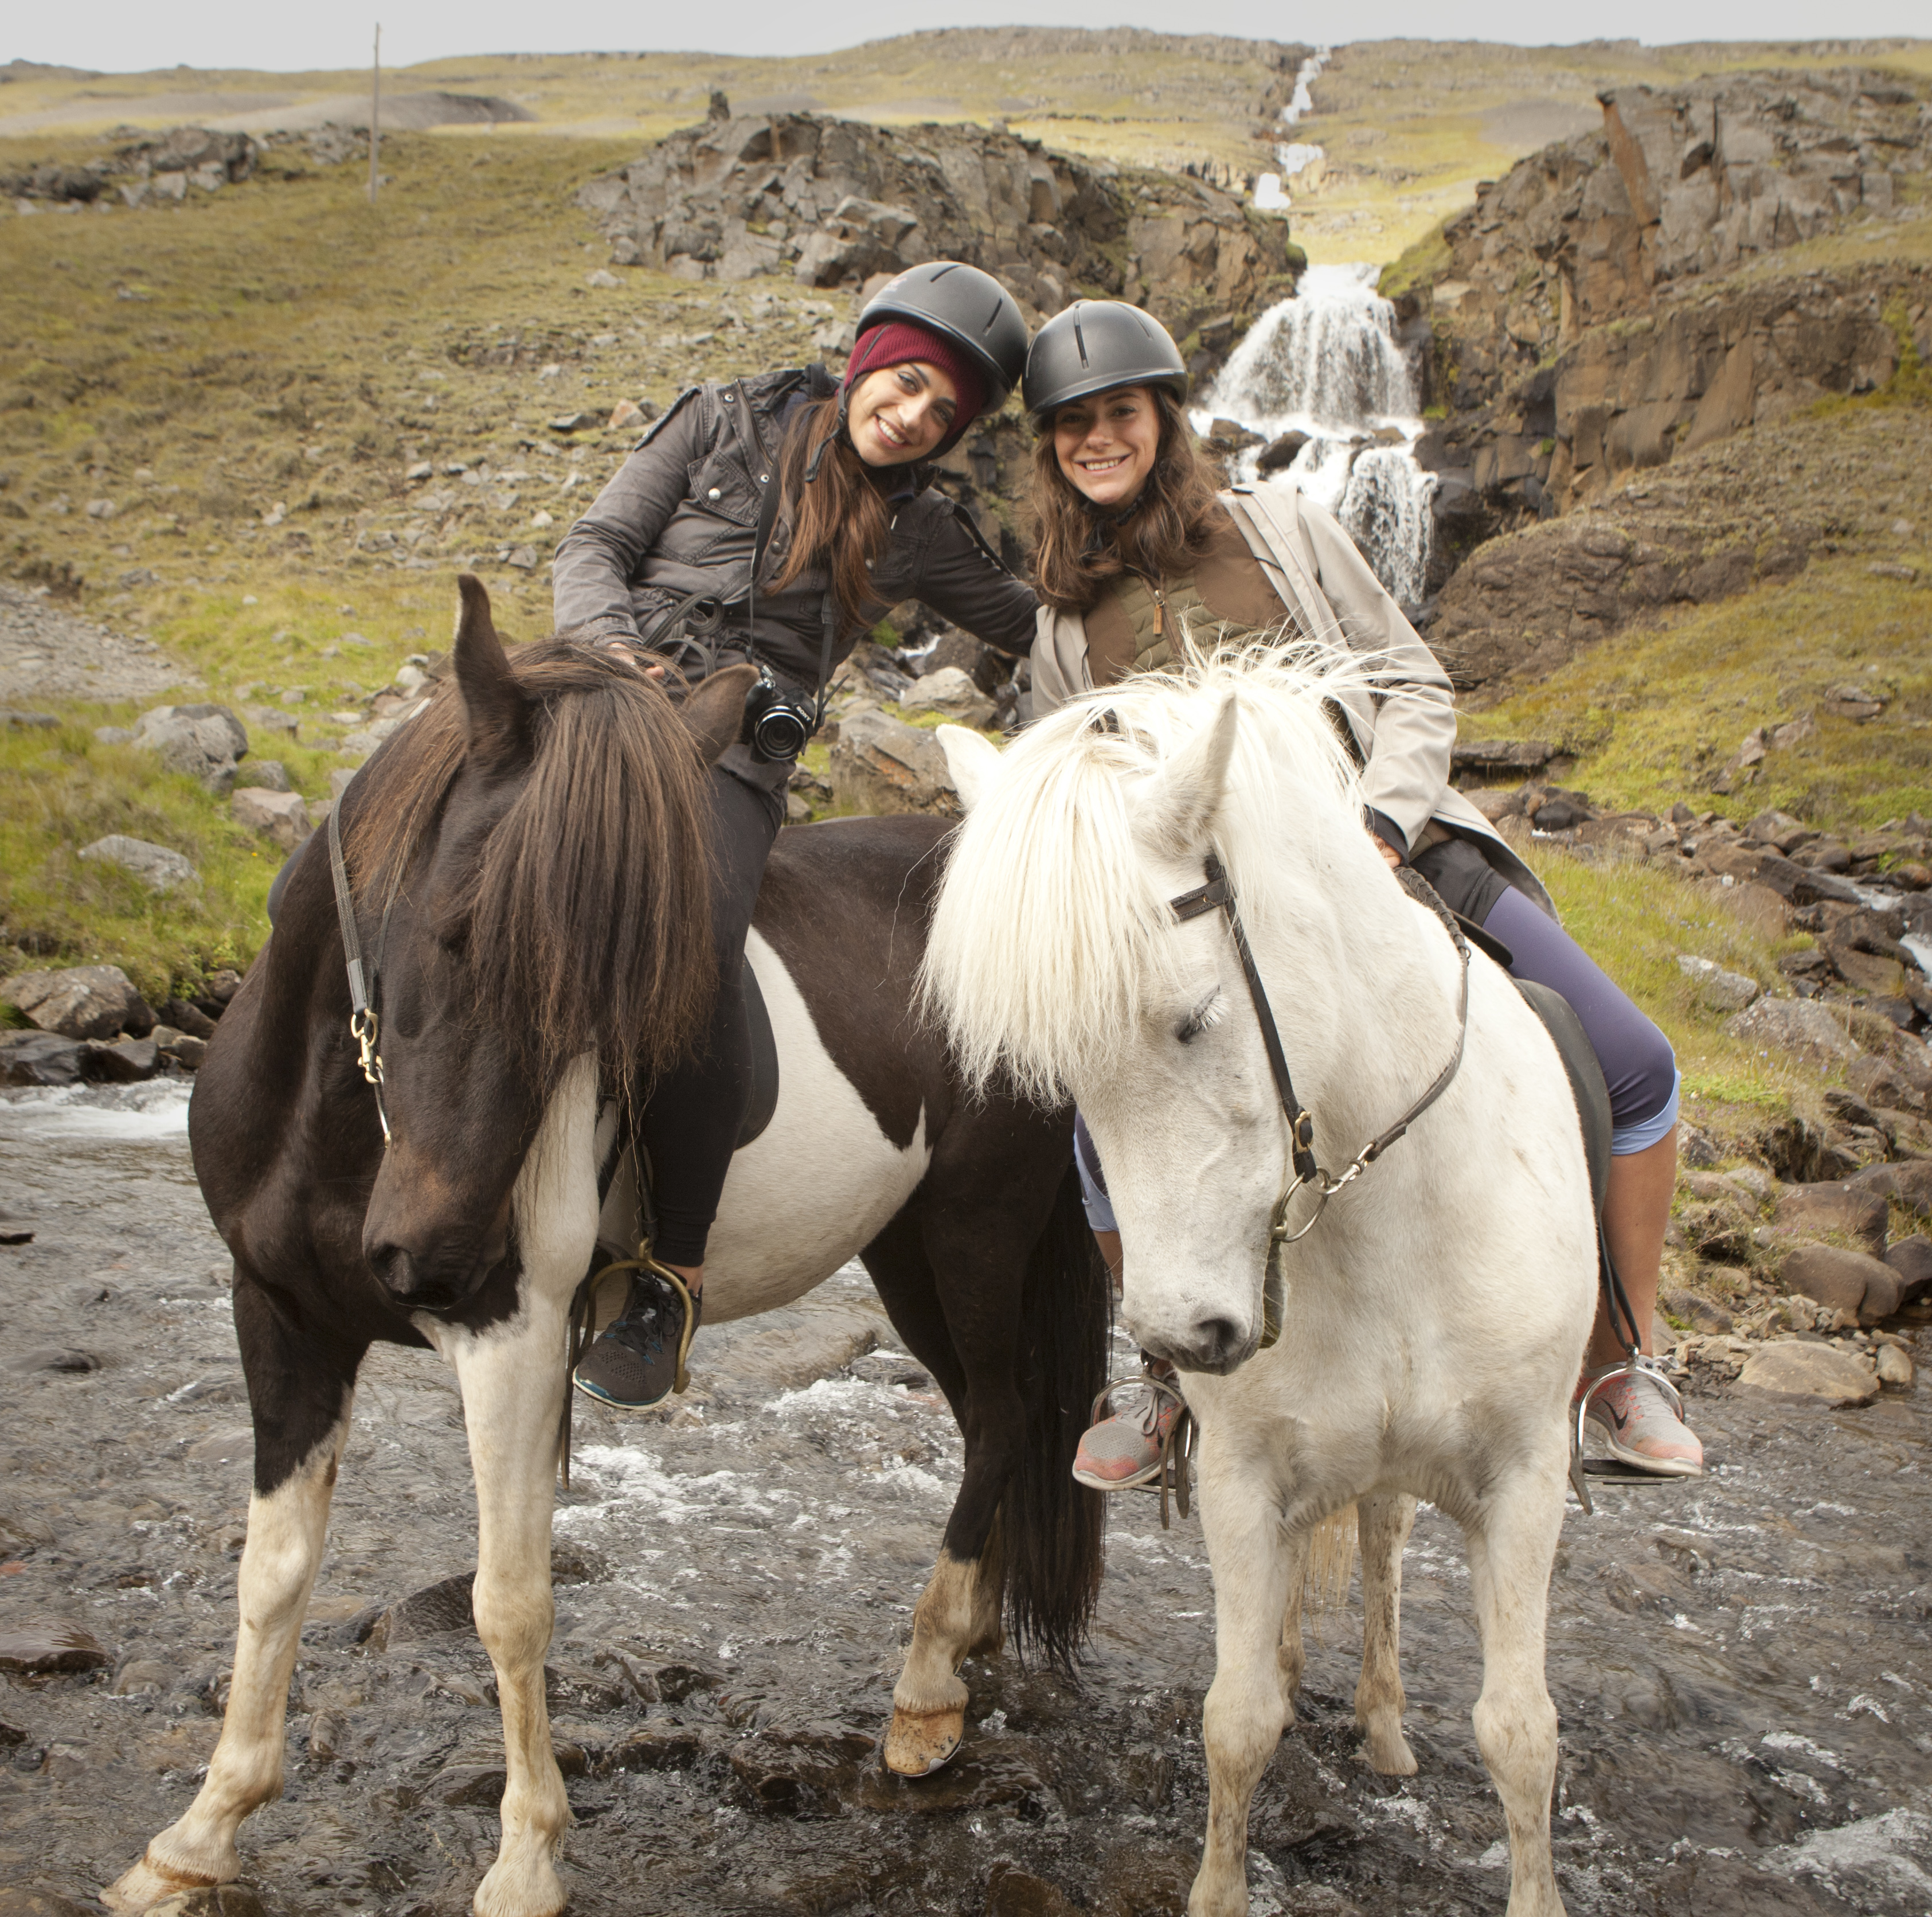 การขี่ม้าเป็นกิจกรรมที่นิยมมากในประเทศไอซ์แลนด์